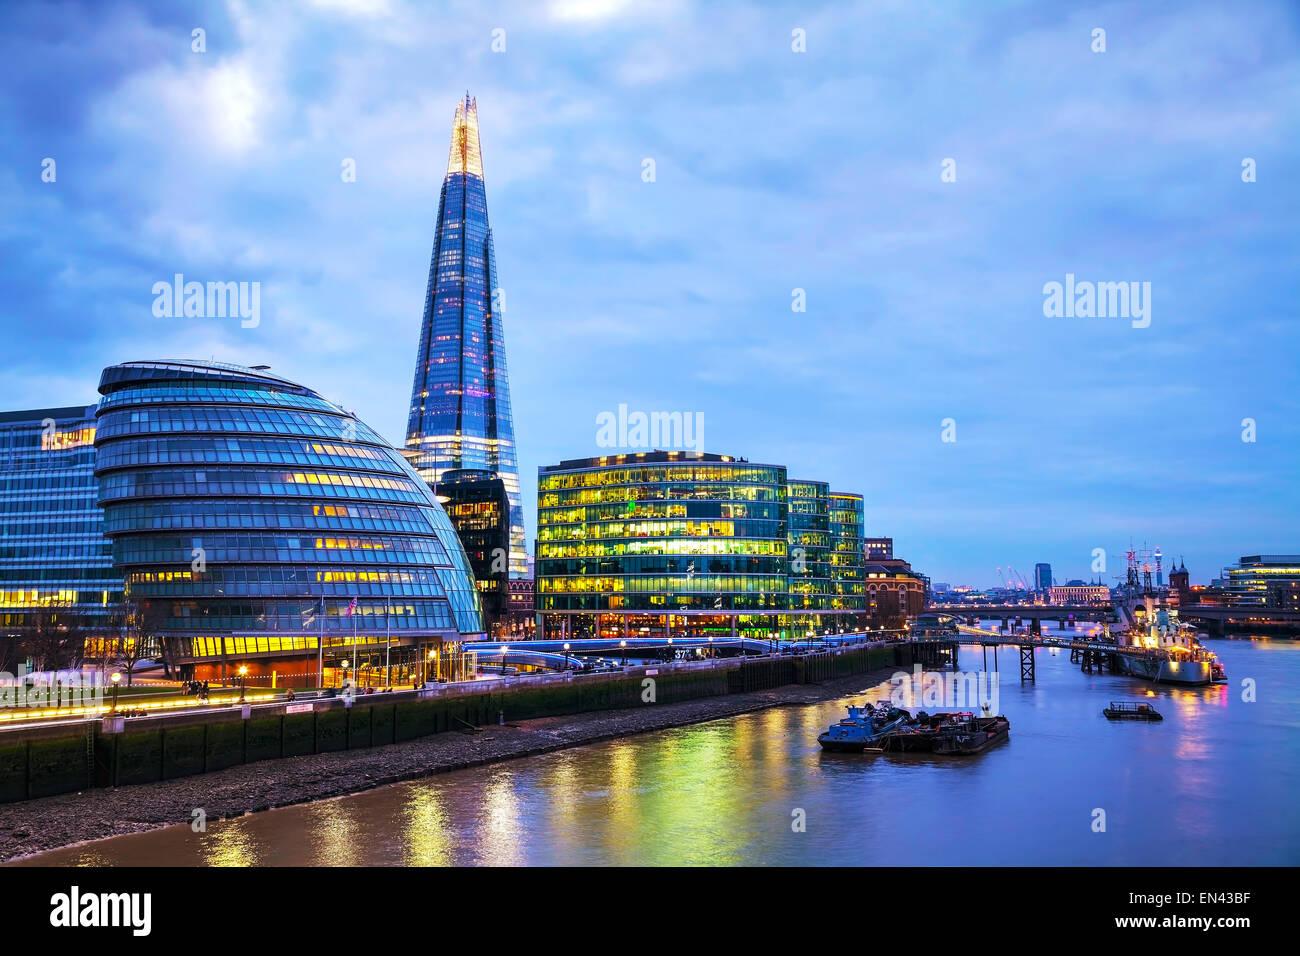 LONDON - 4 APRIL: Übersicht von London mit der Glasscherbe am 4. April 2015 in London, Vereinigtes Königreich. Stockbild